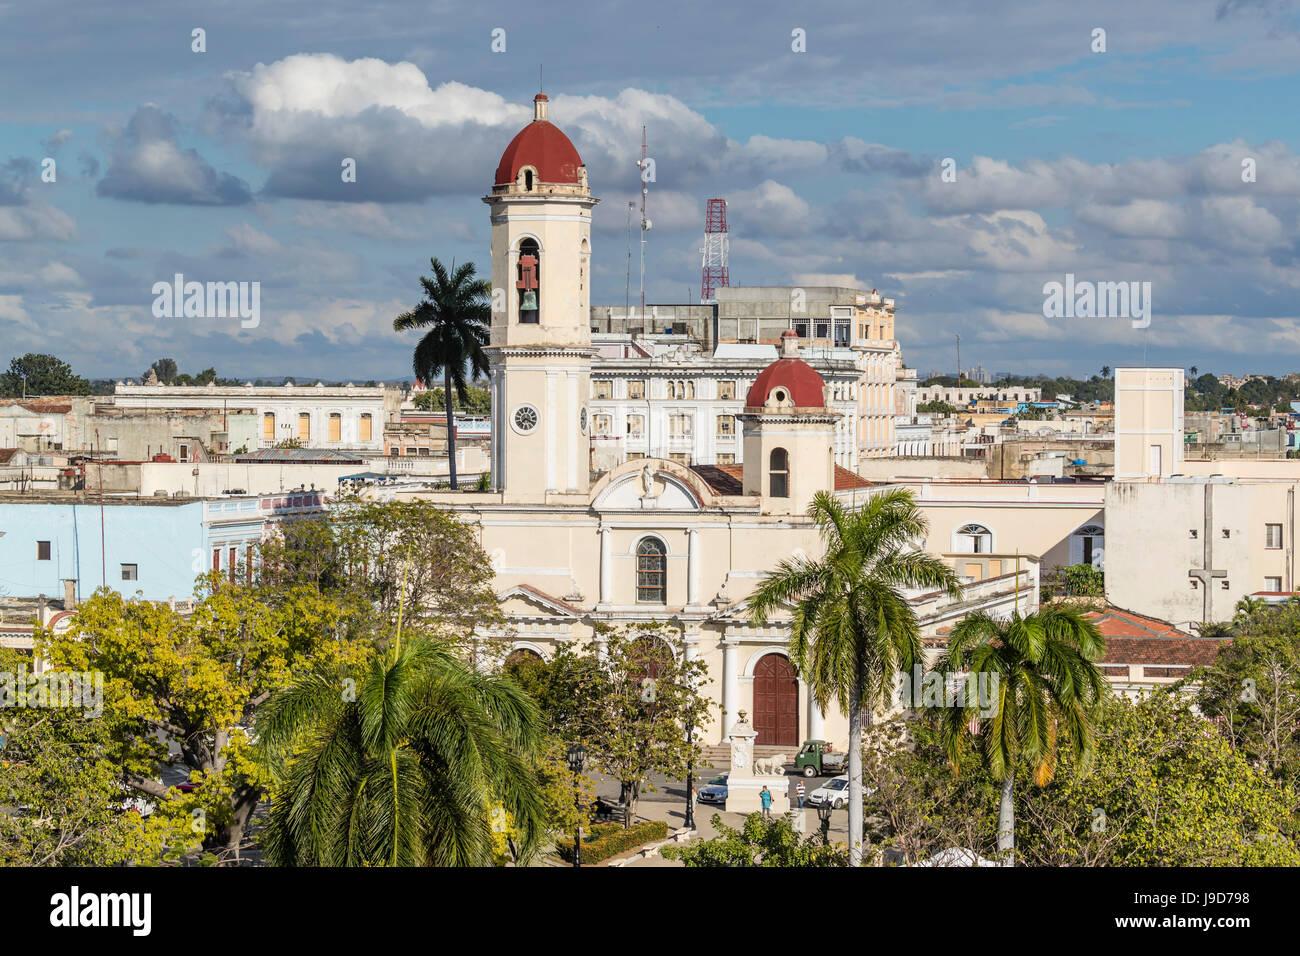 La Catedral de la Purisima Concepcion dans Plaza Jose Marti, Cienfuegos, Site du patrimoine mondial de l'UNESCO, Cuba, Antilles, Caraïbes Banque D'Images